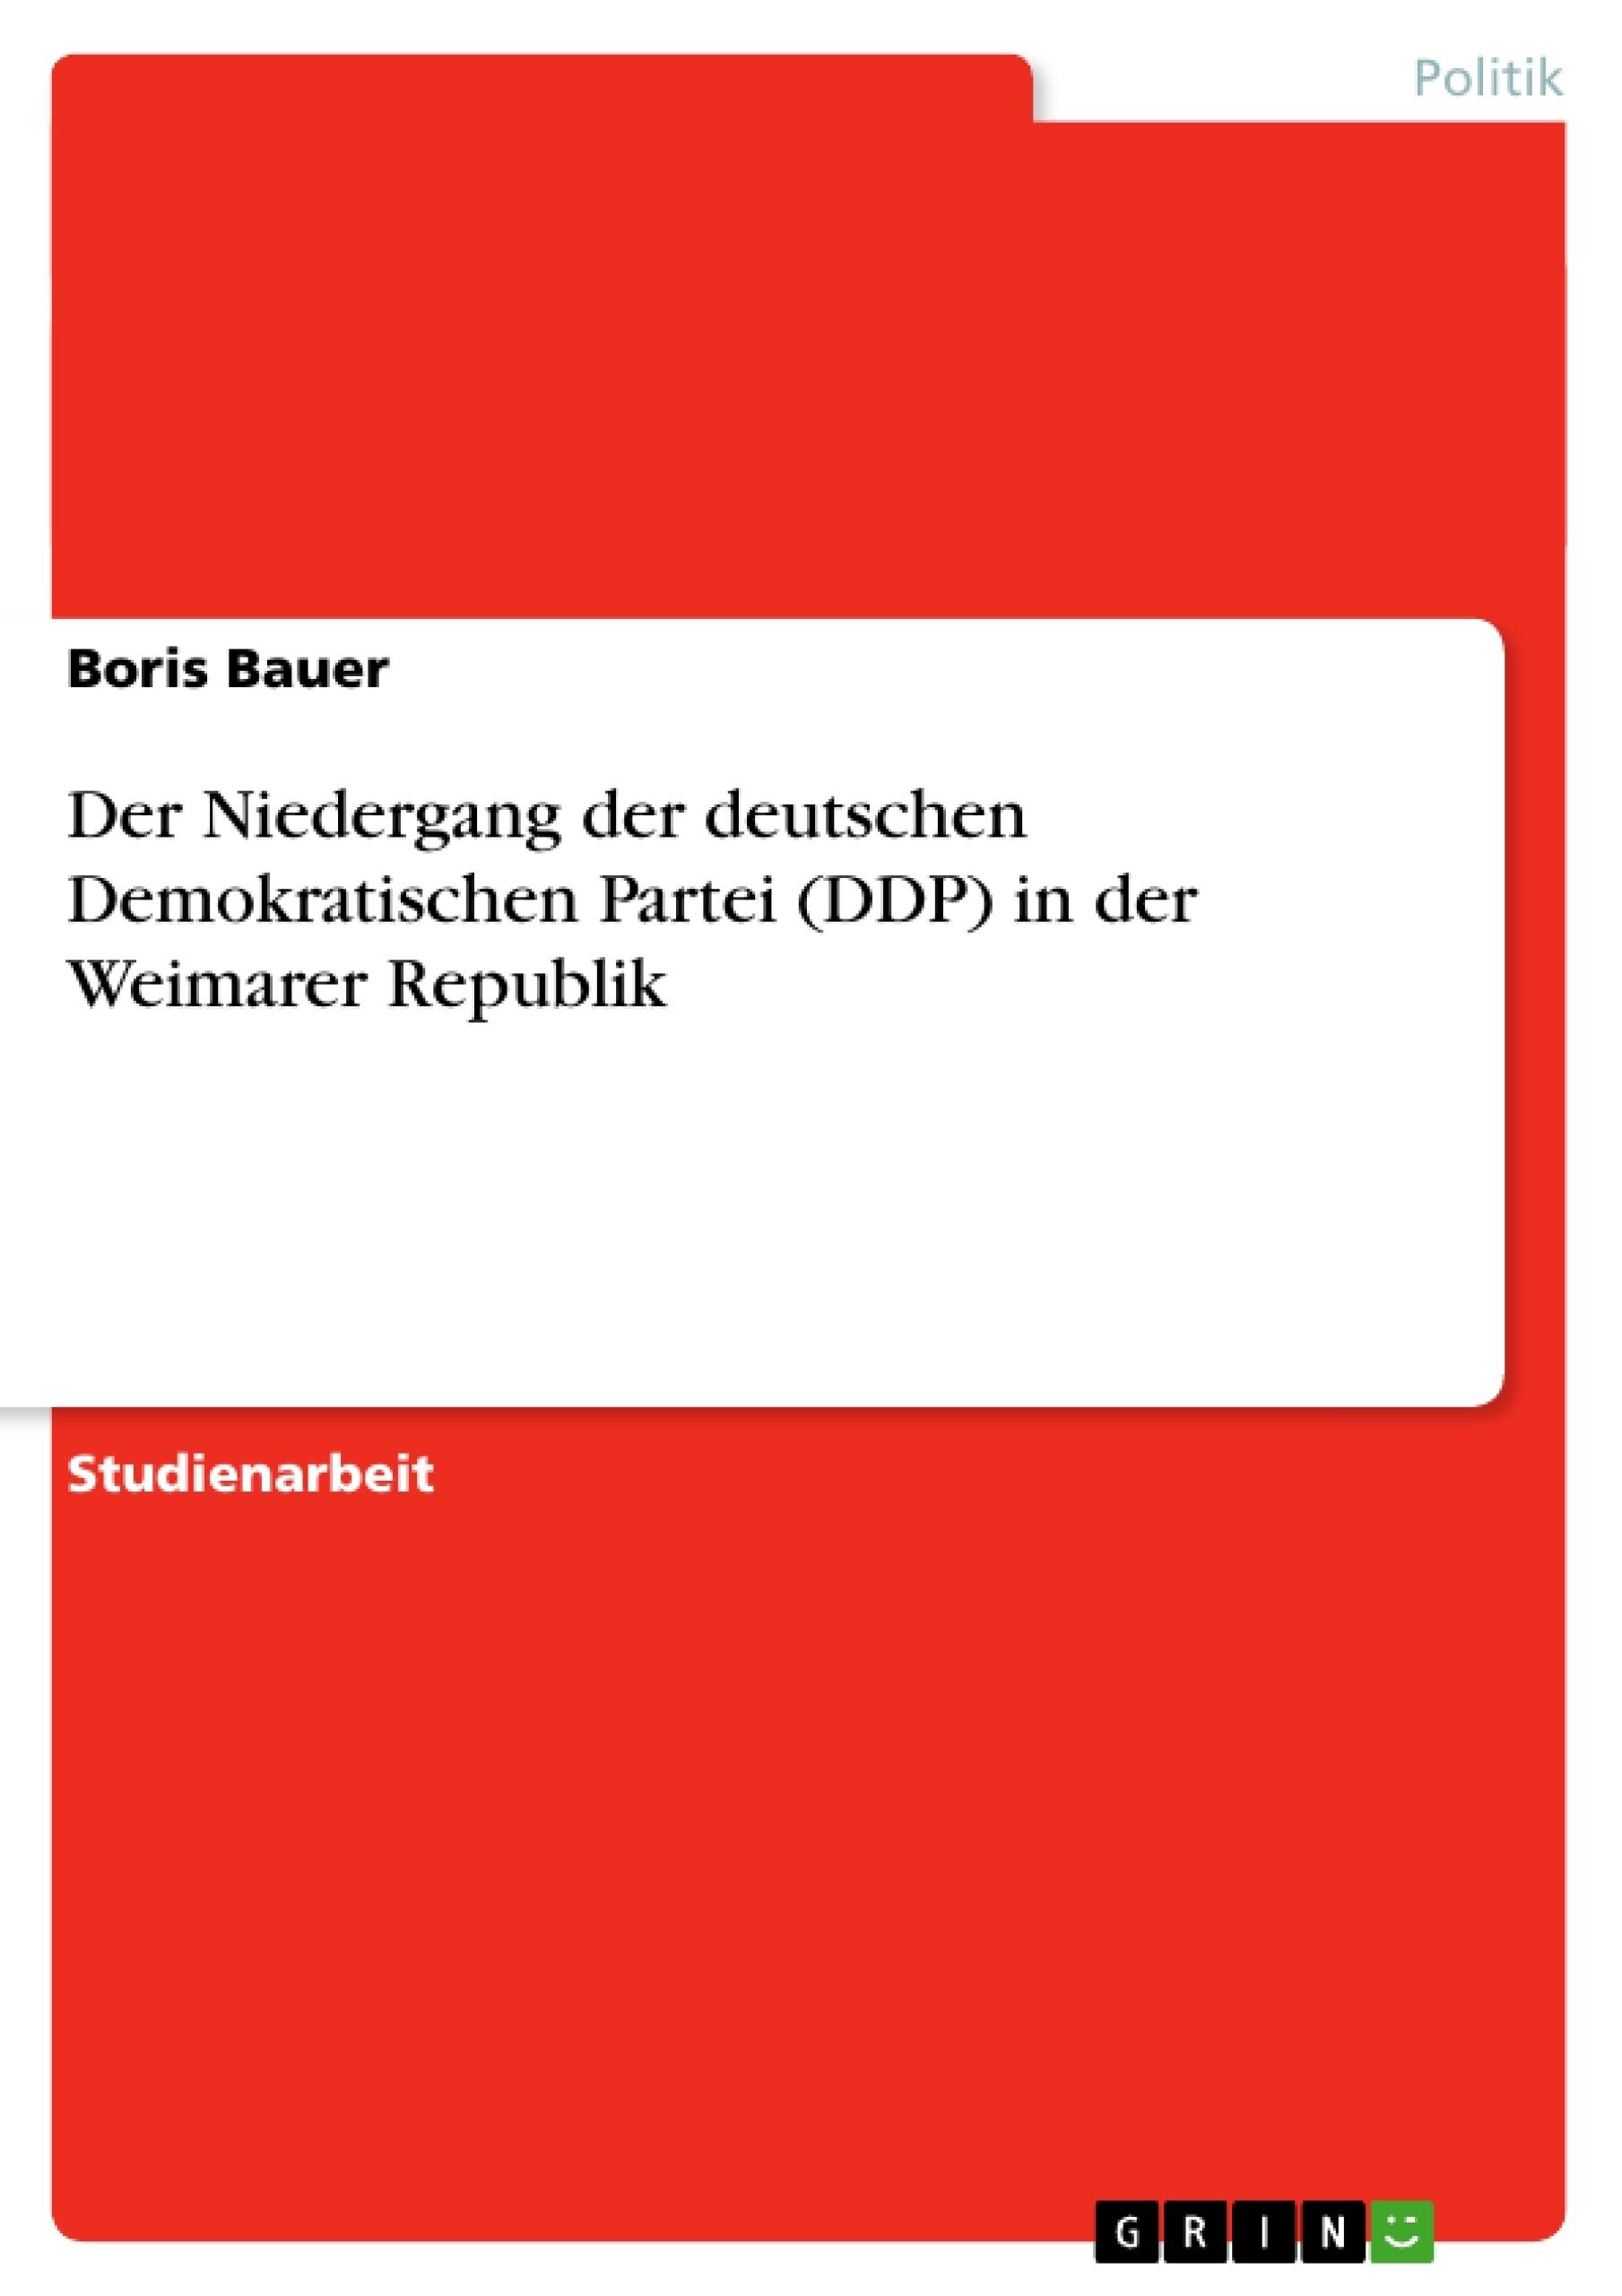 Titel: Der Niedergang der deutschen Demokratischen Partei (DDP) in der Weimarer Republik